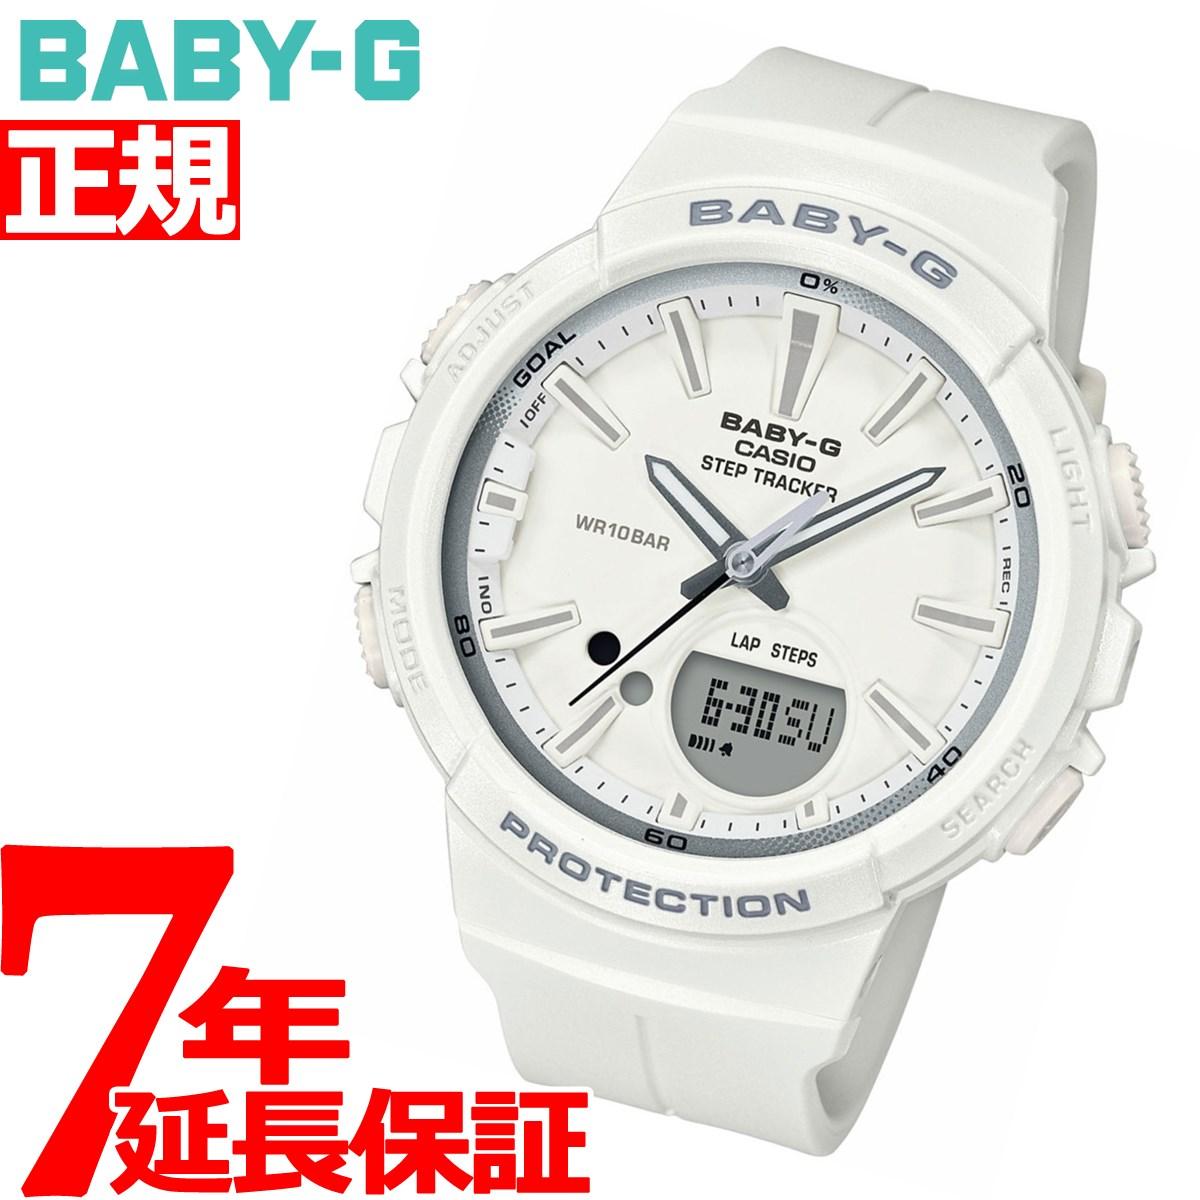 【5日0時~♪2000円OFFクーポン&店内ポイント最大51倍!5日23時59分まで】BABY-G カシオ ベビーG レディース 腕時計 ホワイト 白 BGS-100 for running STEP TRACKER BGS-100SC-7AJF